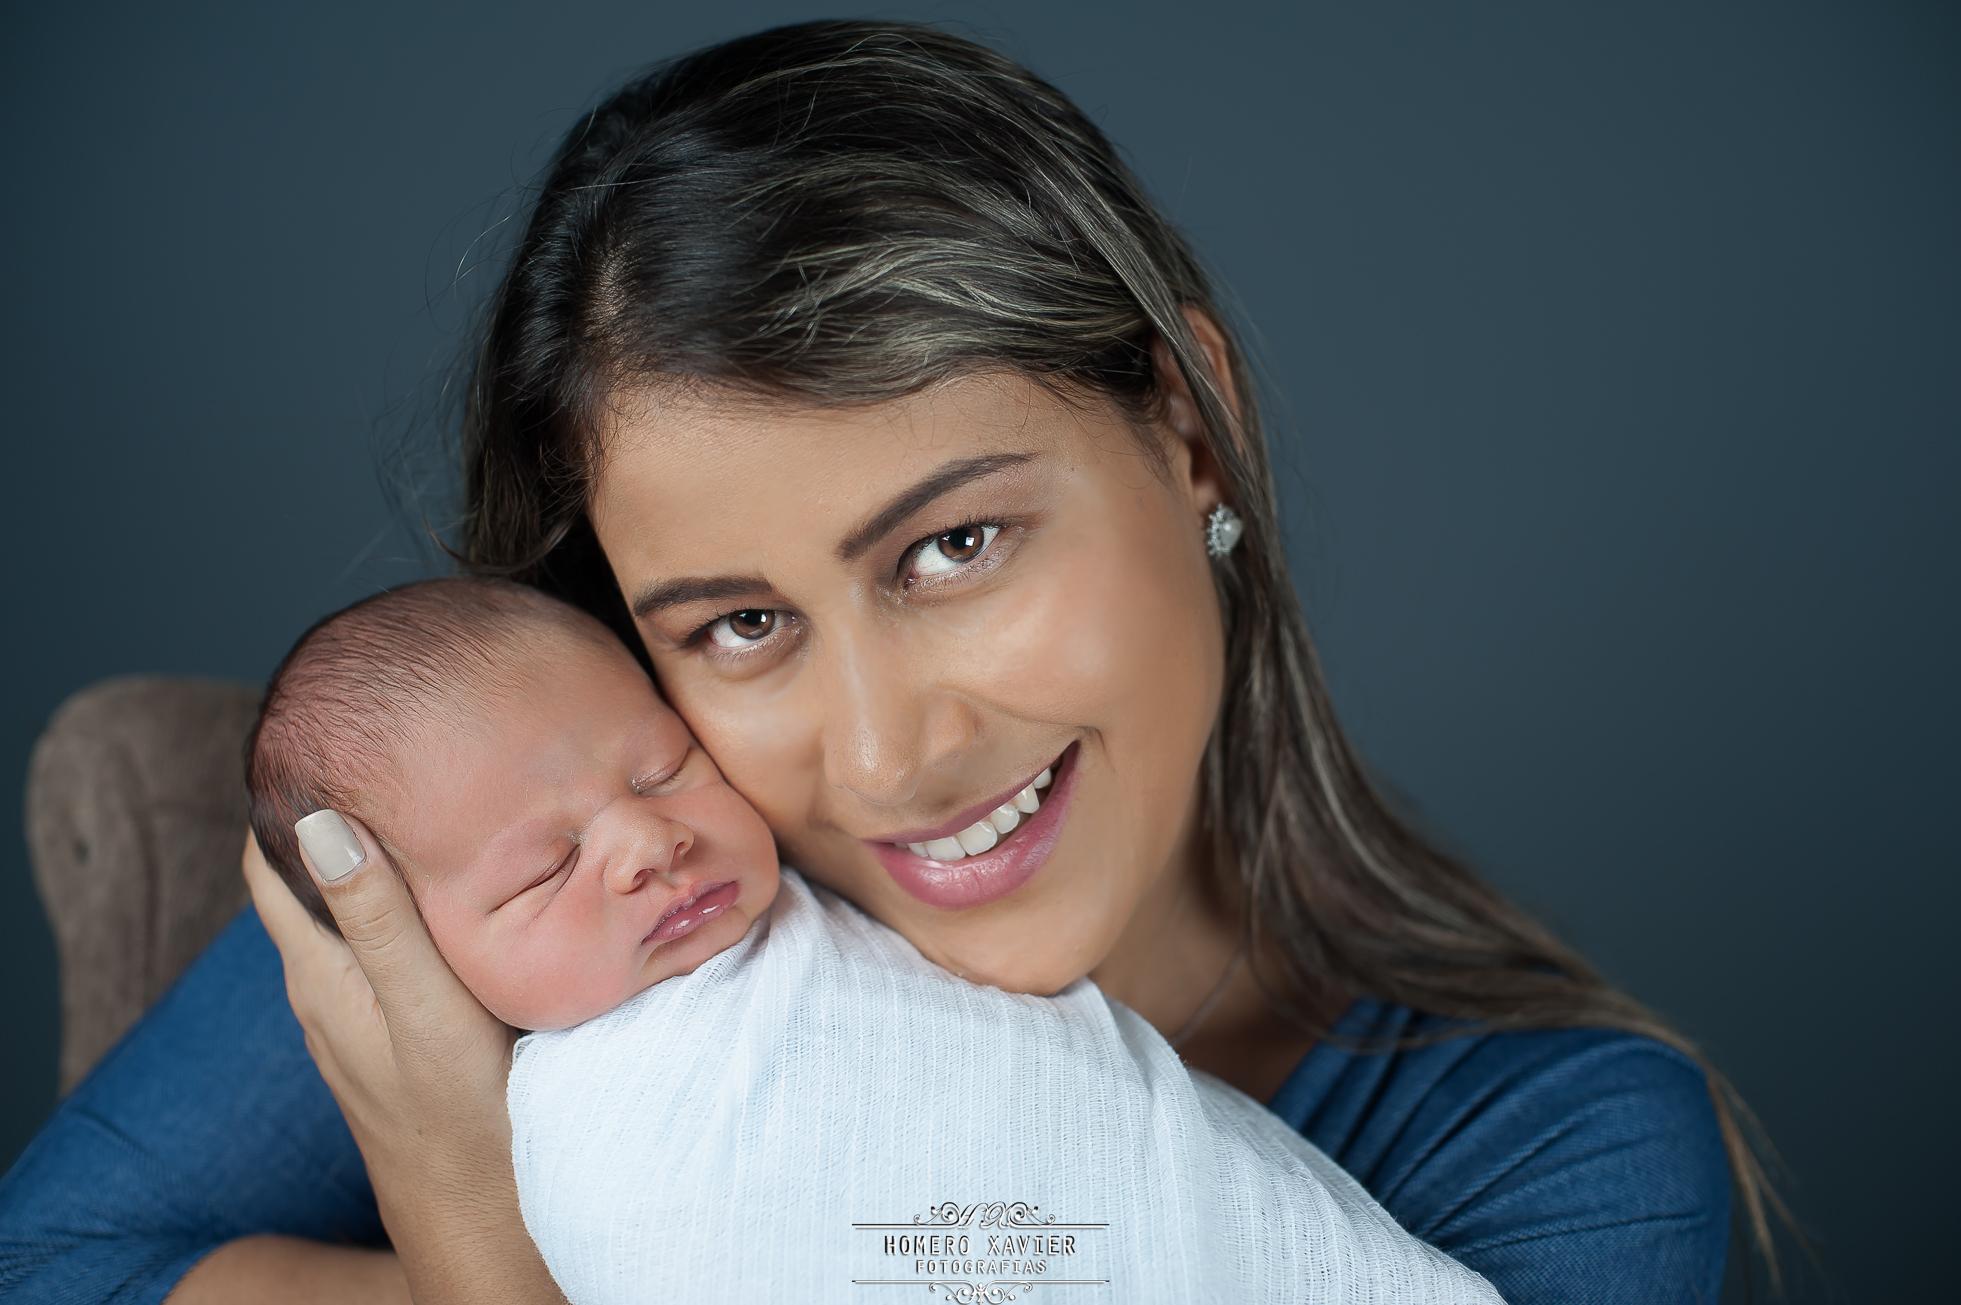 ensaio fotografico book newborn em bh